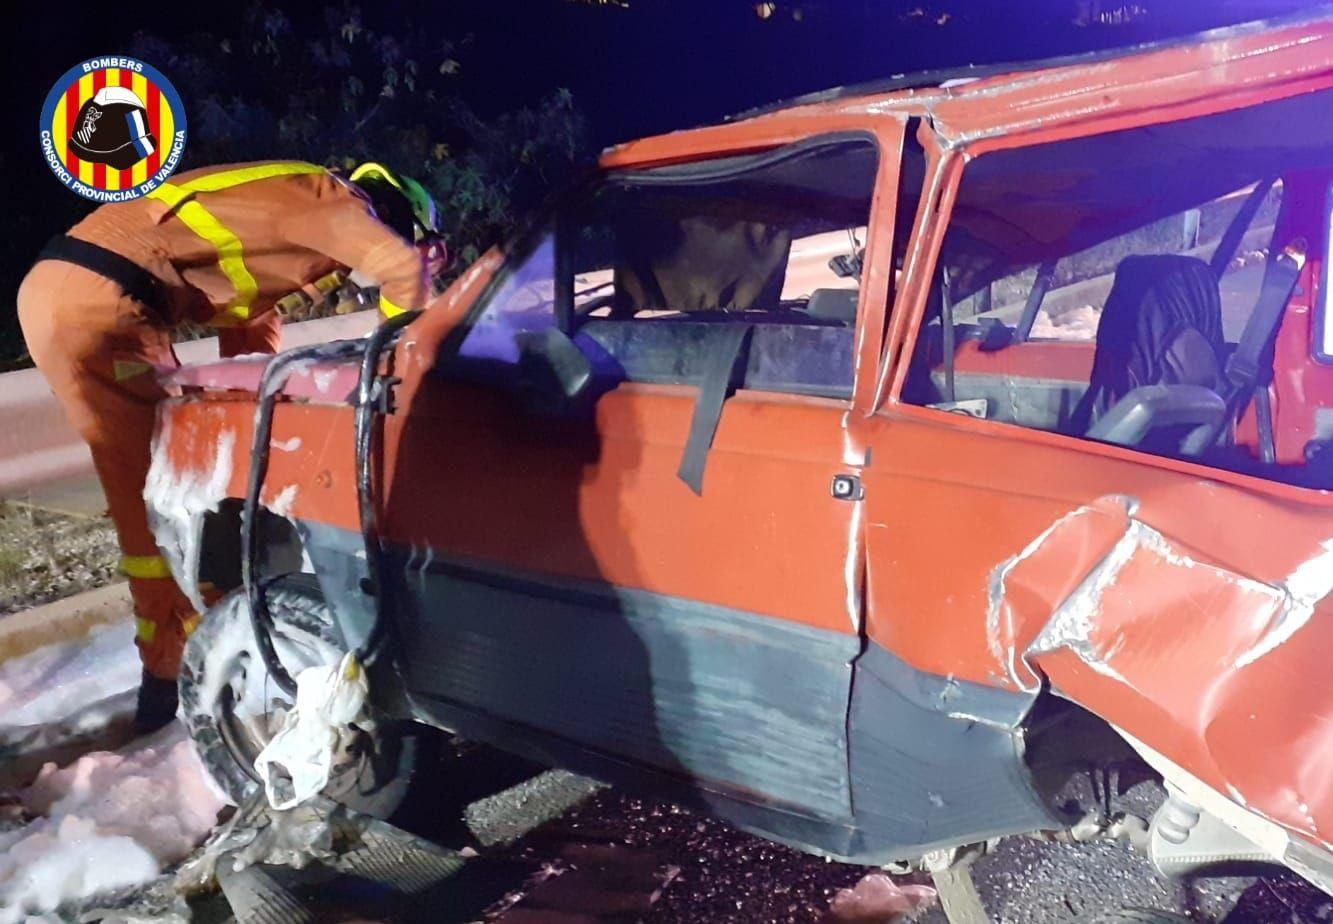 Los bomberos rescatan a una persona tras un brutal accidente de tráfico en la A-7, en Beneixida.